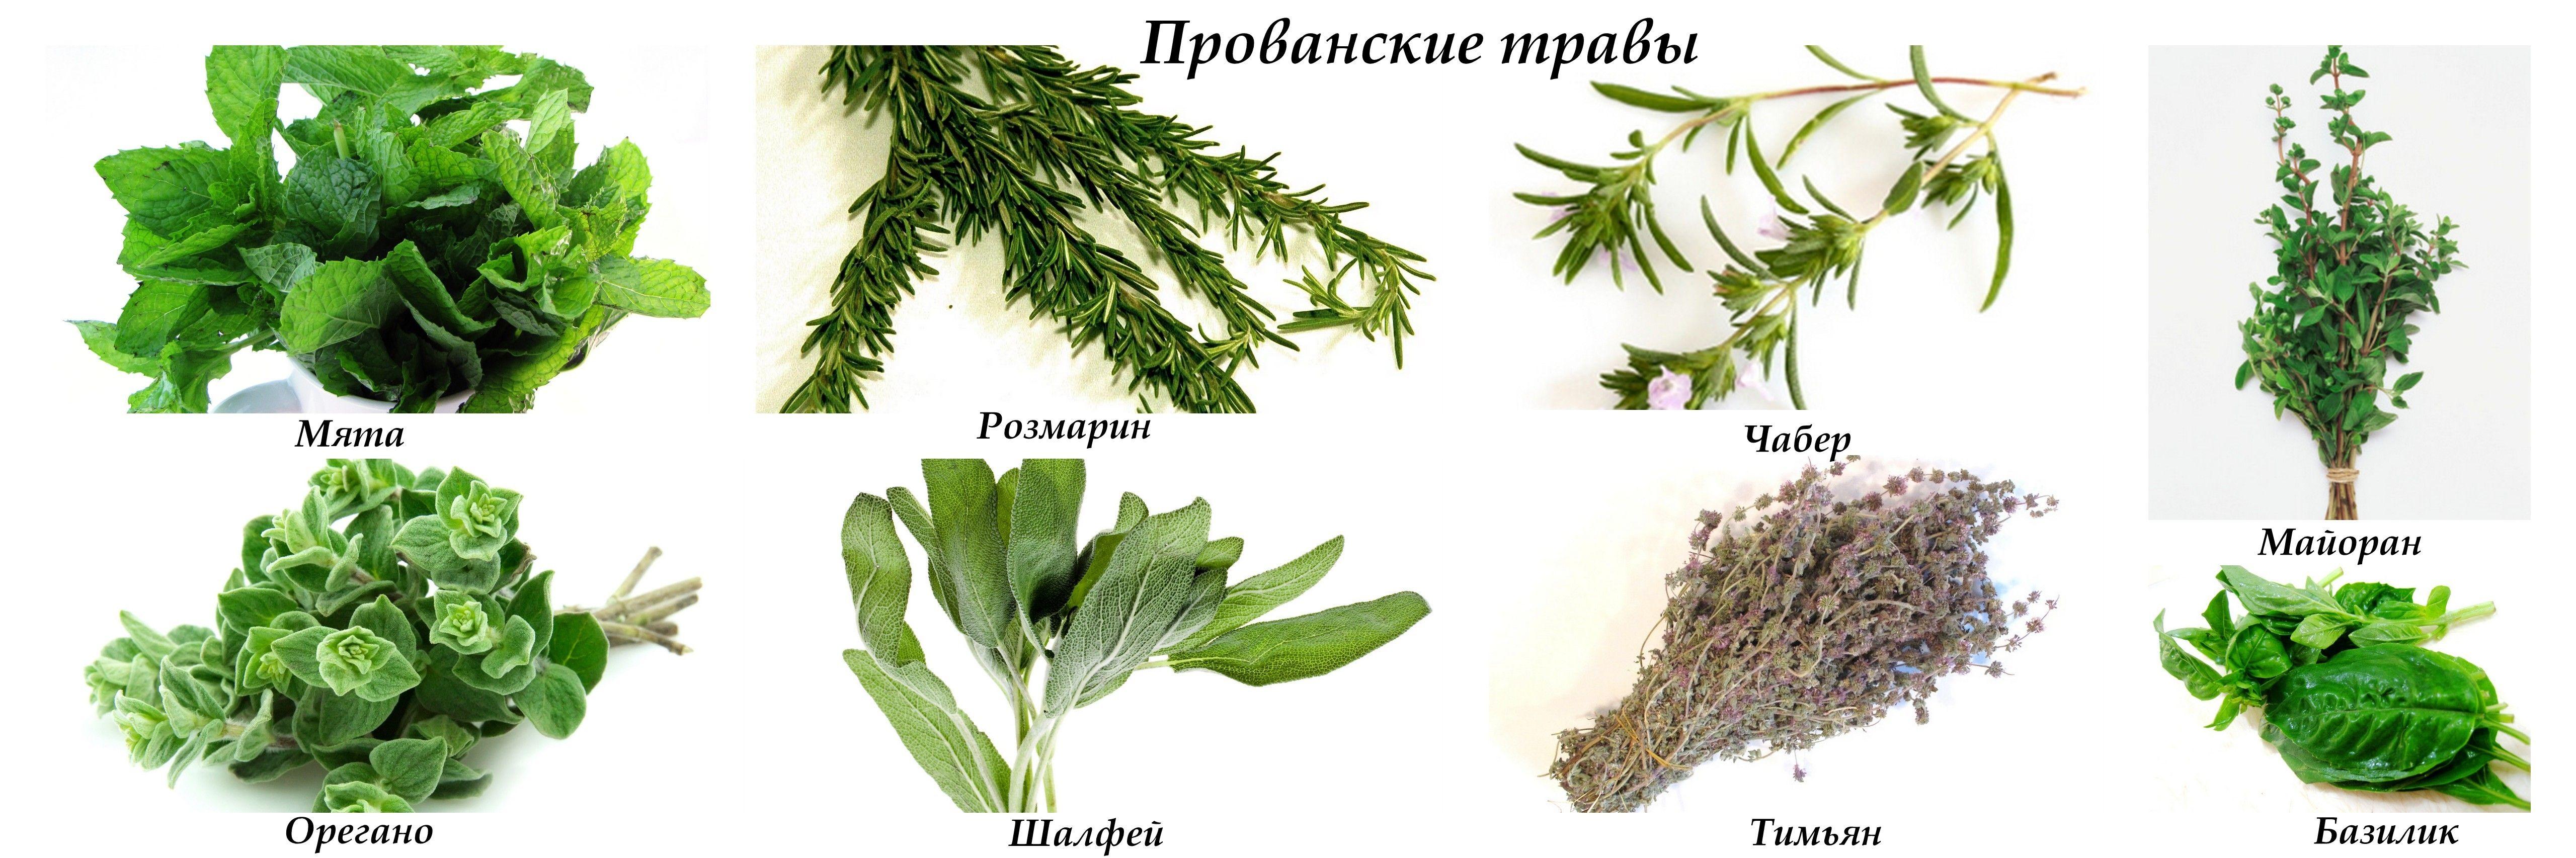 пряные растения с картинками нет котят, изображения